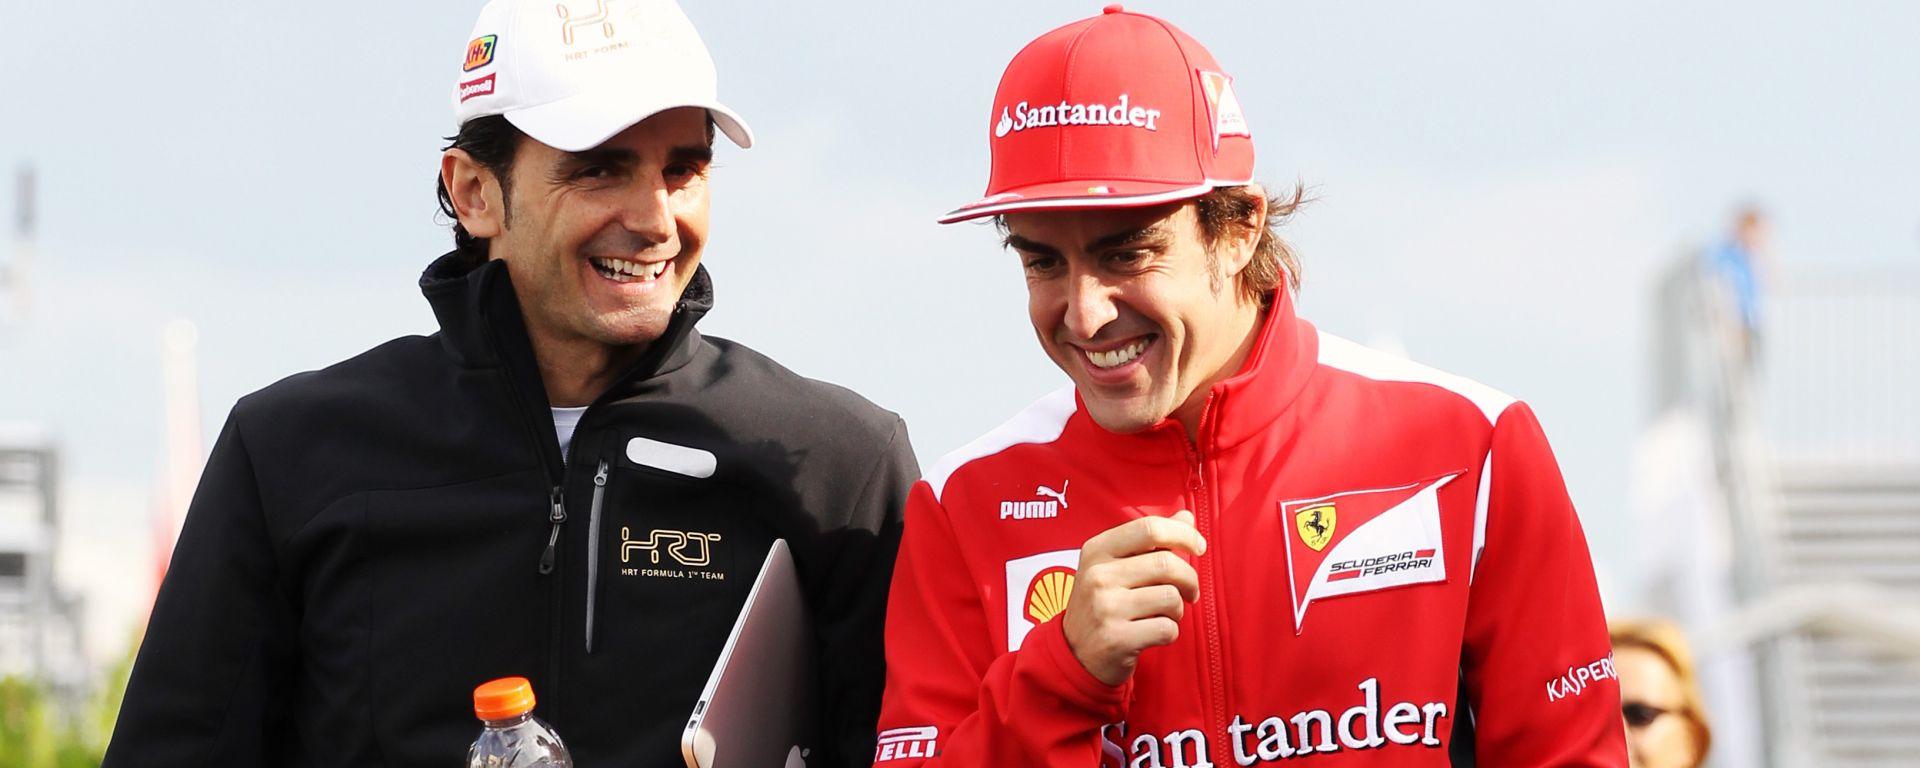 F1 2012: Pedro De la Rosa (HRT) e Fernando Alonso (Ferrari)